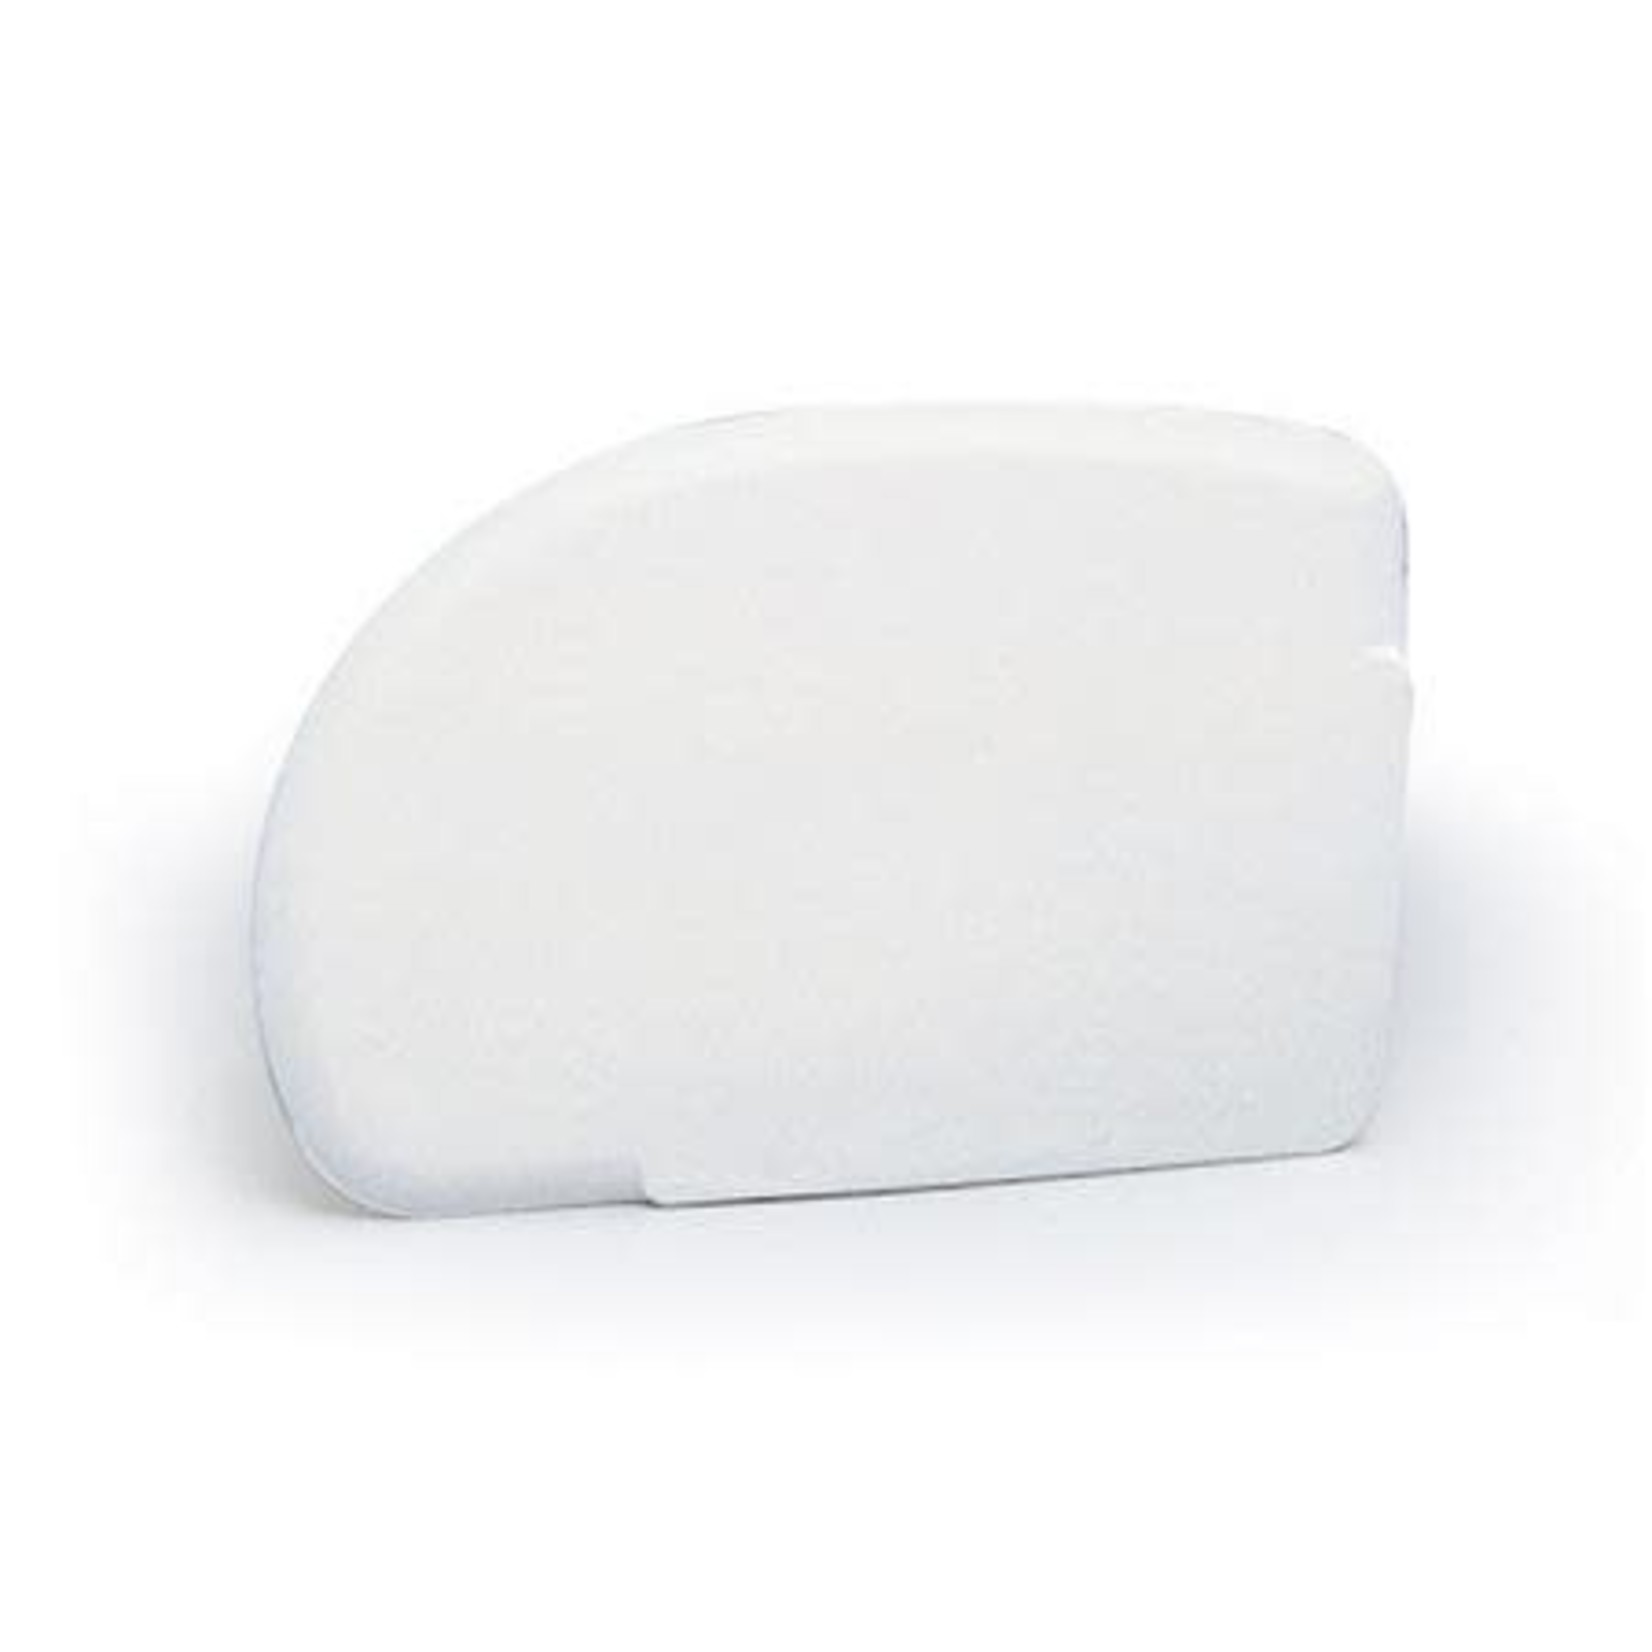 Martellato Deegschraper kwartrond wit zacht 12,5x9cm